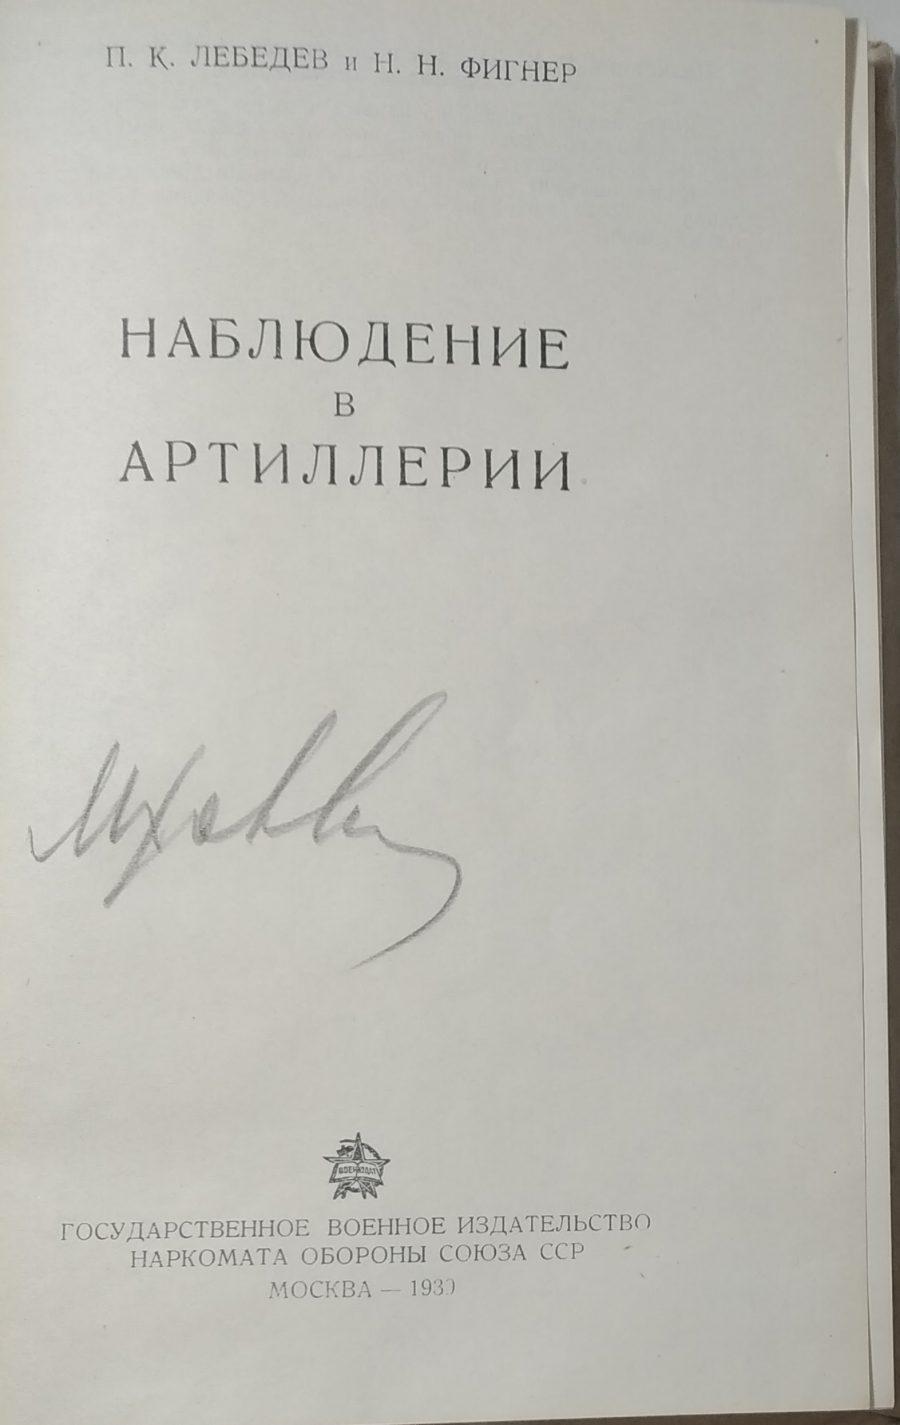 Наблюдение в артиллерии. Первое издание.